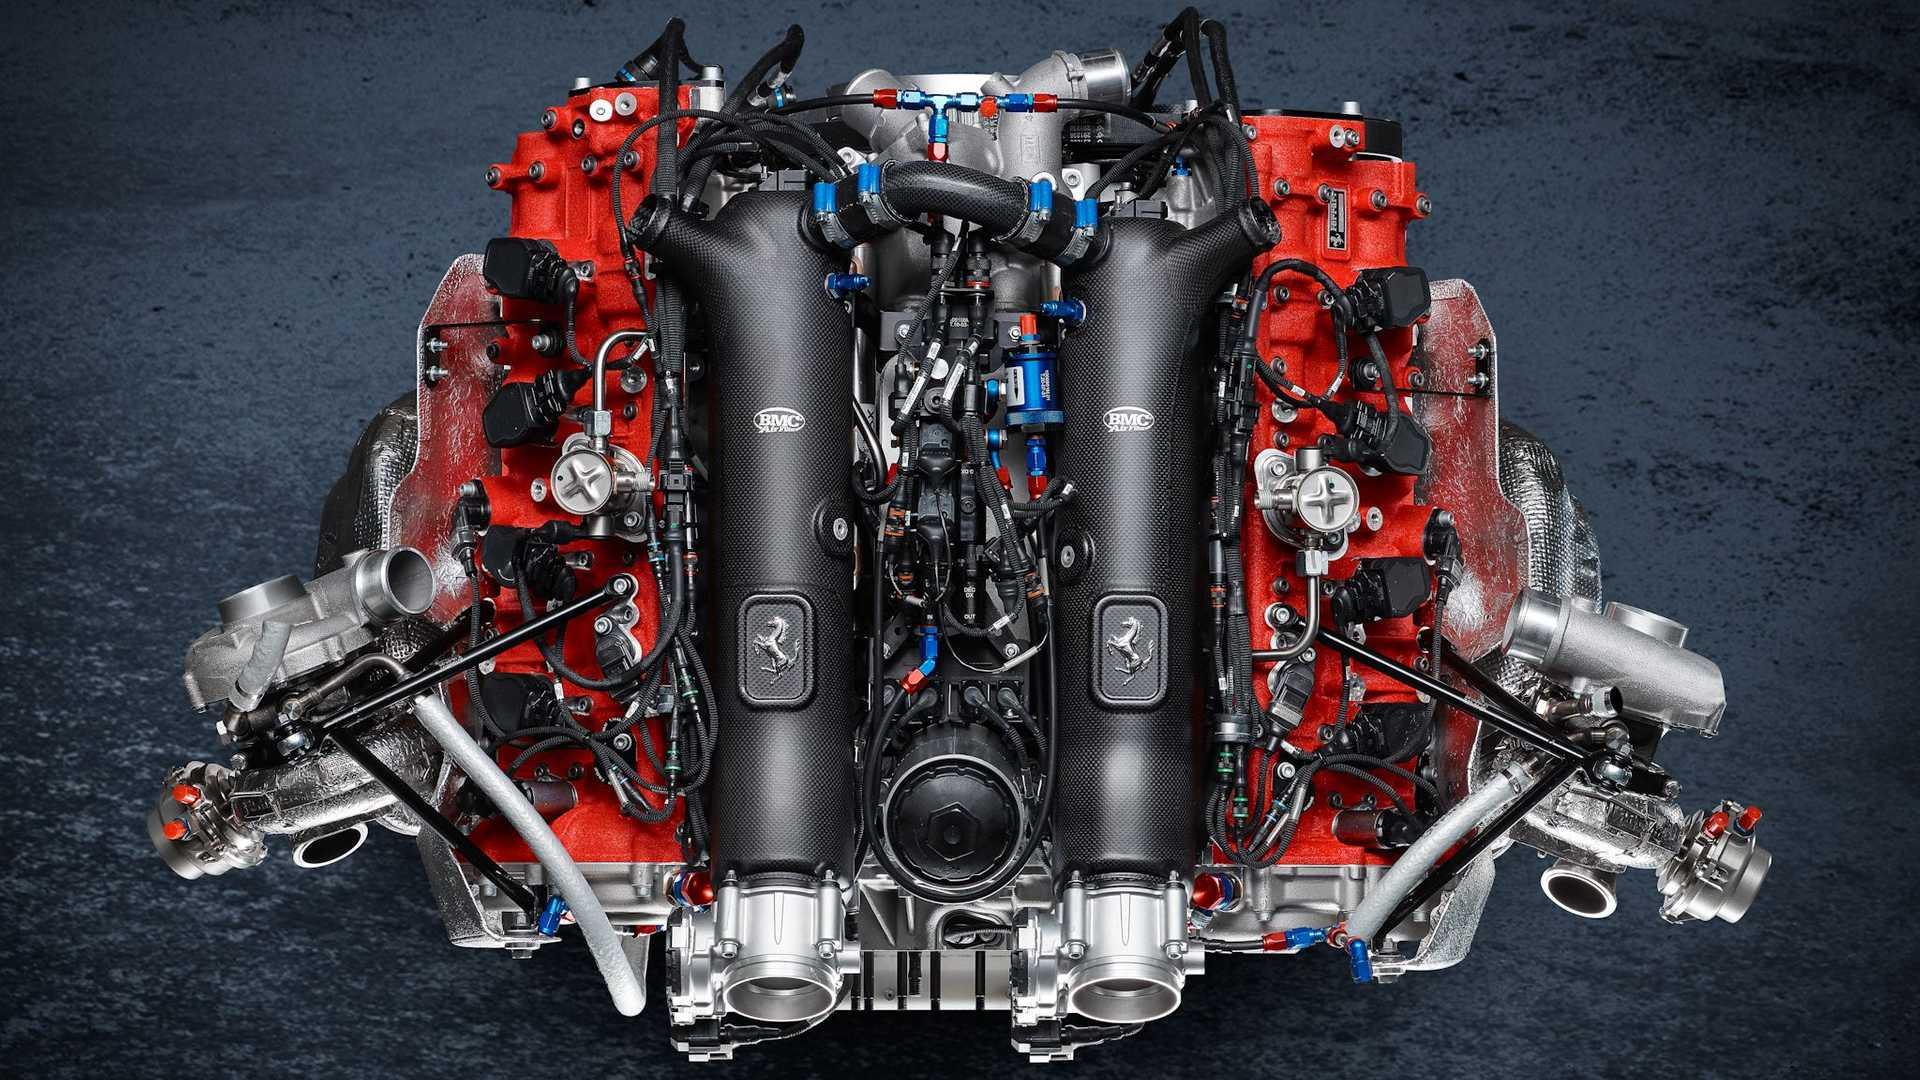 ferrari 488 gt modificata engine فراری 488GT